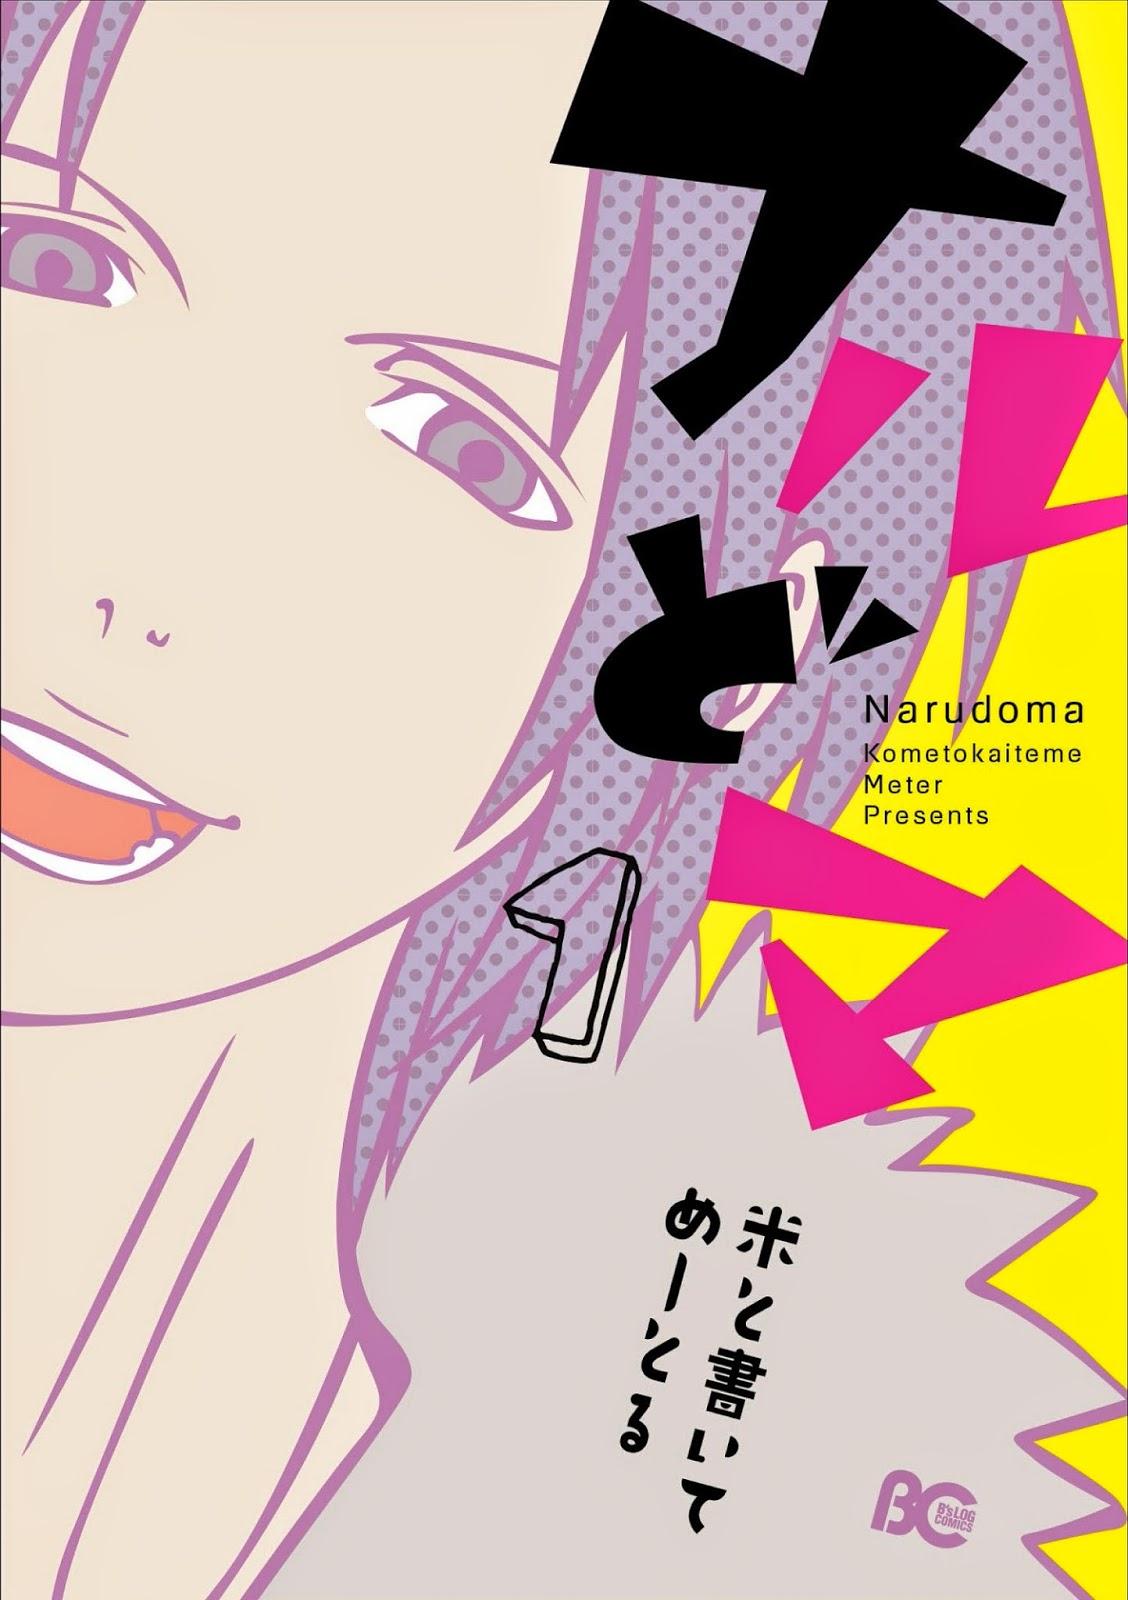 Anime Narudoma reparto